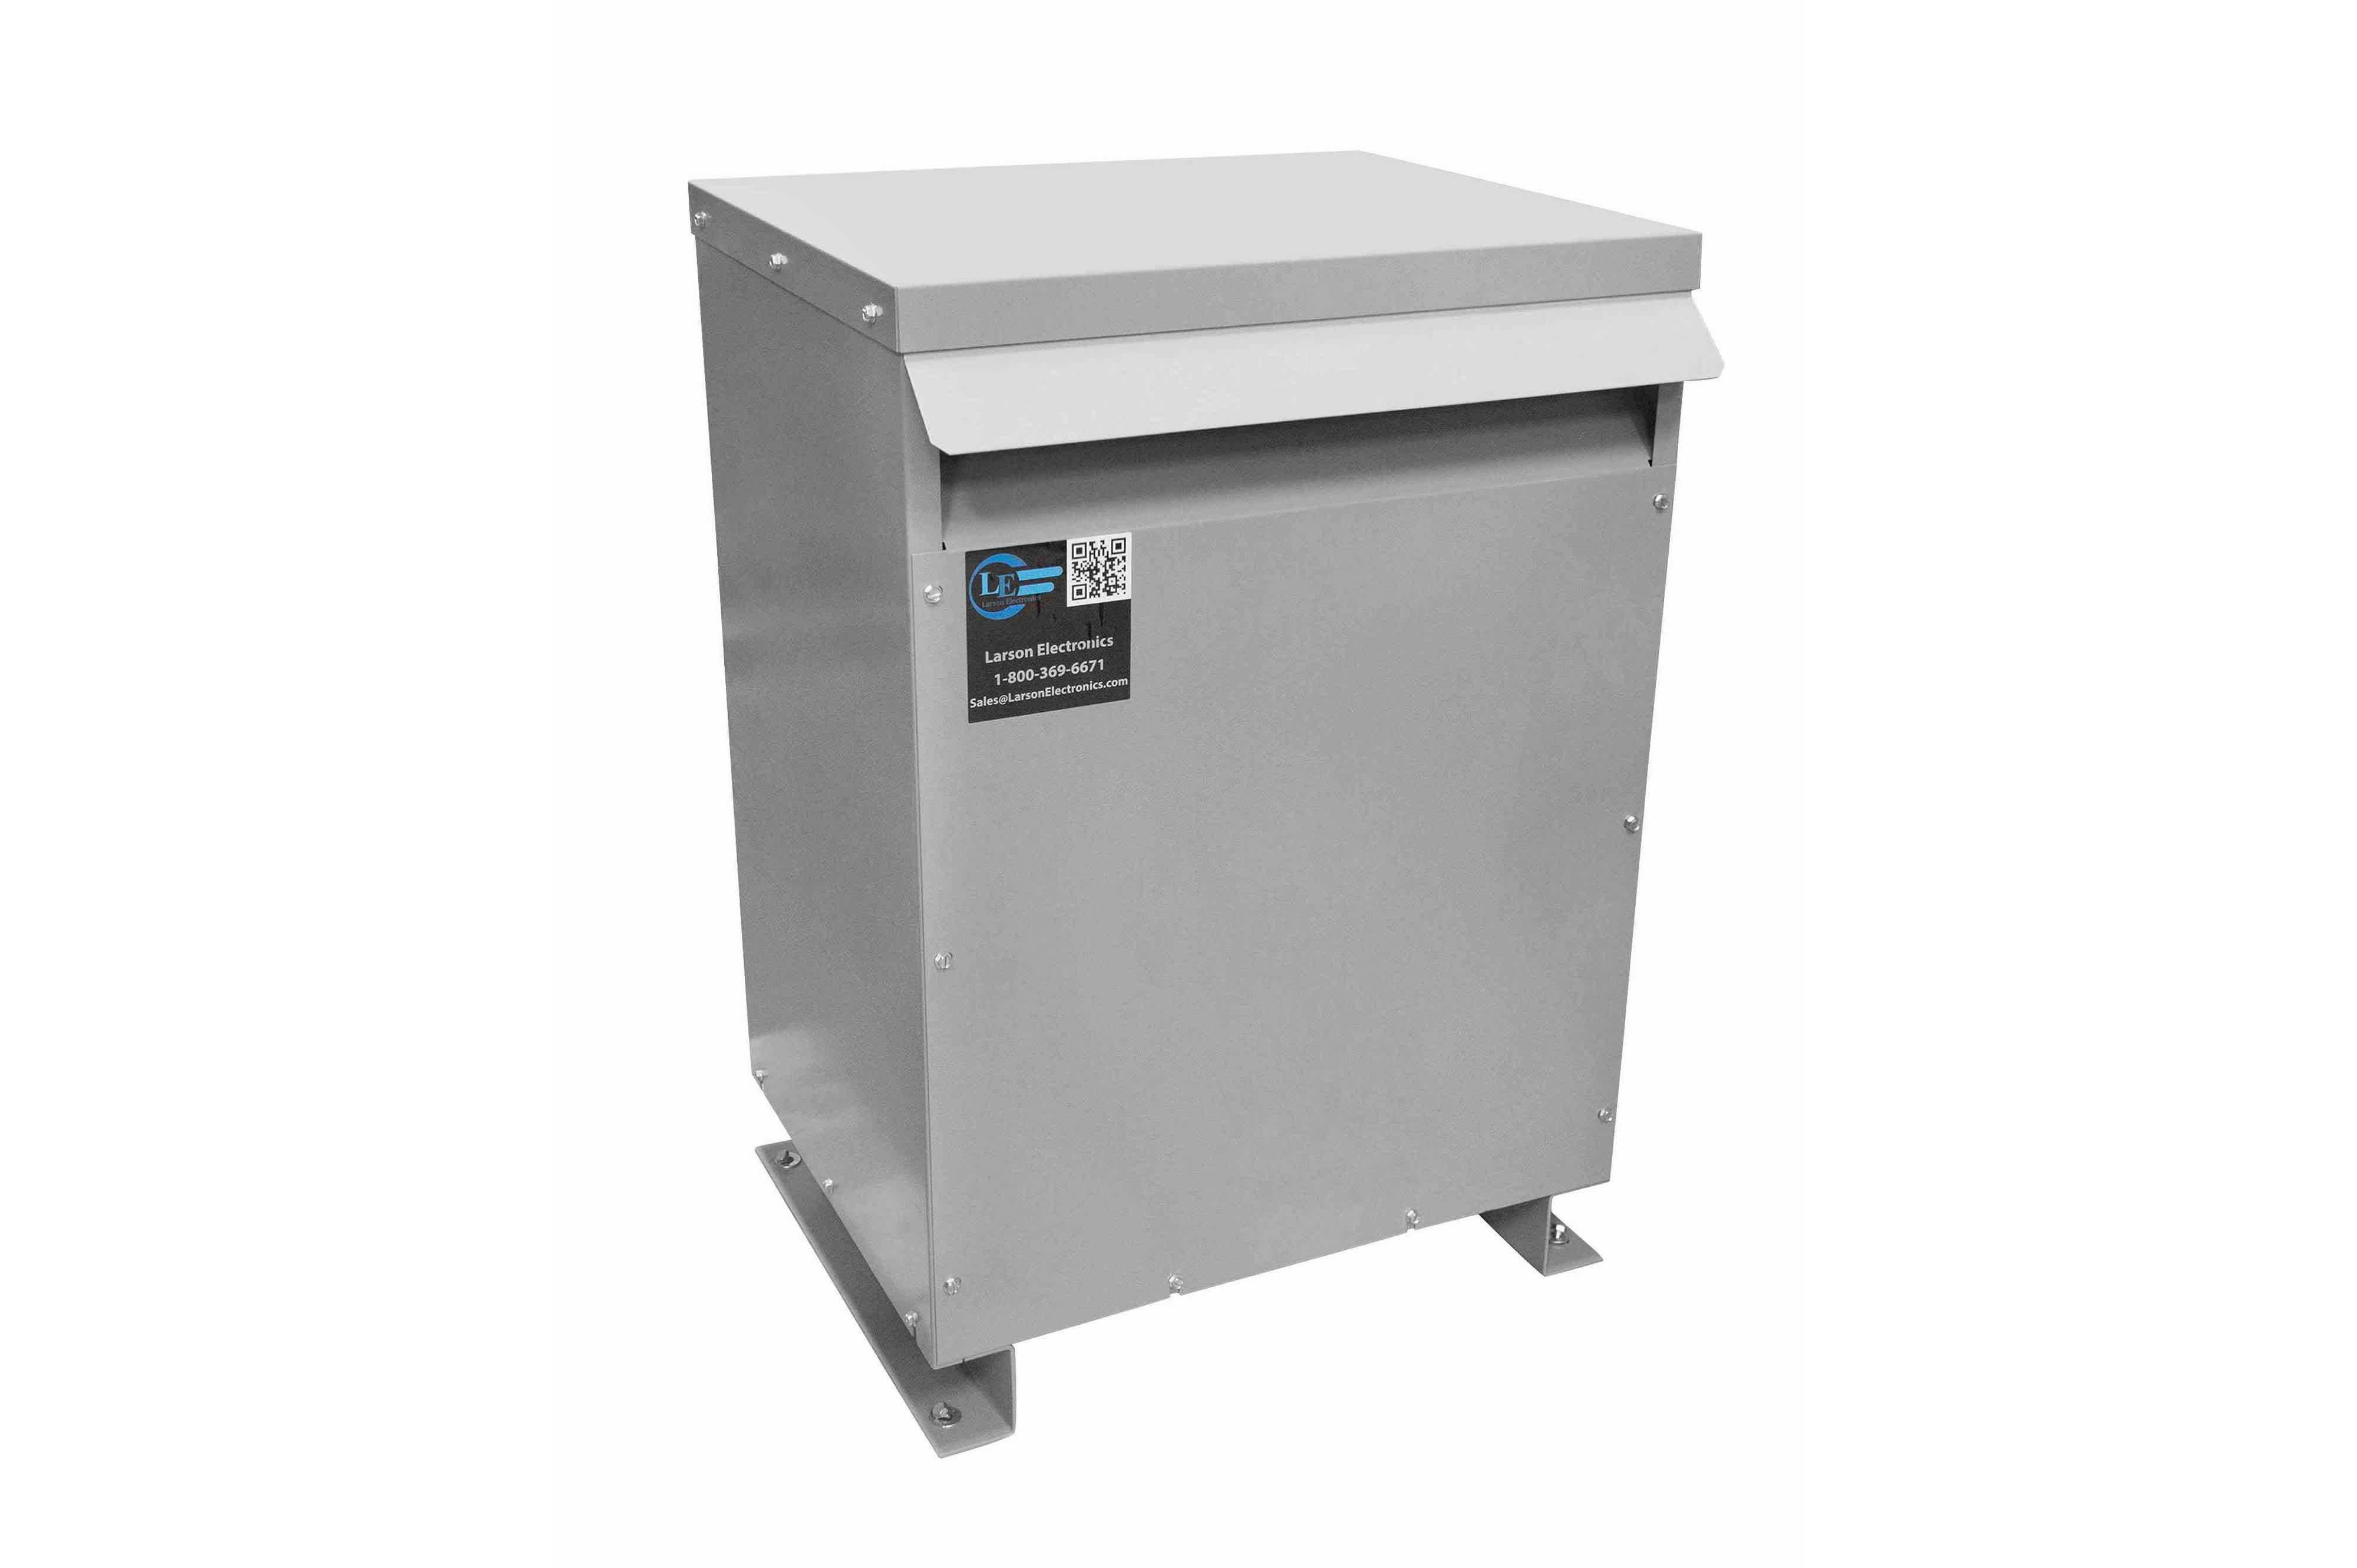 167 kVA 3PH Isolation Transformer, 440V Delta Primary, 208V Delta Secondary, N3R, Ventilated, 60 Hz